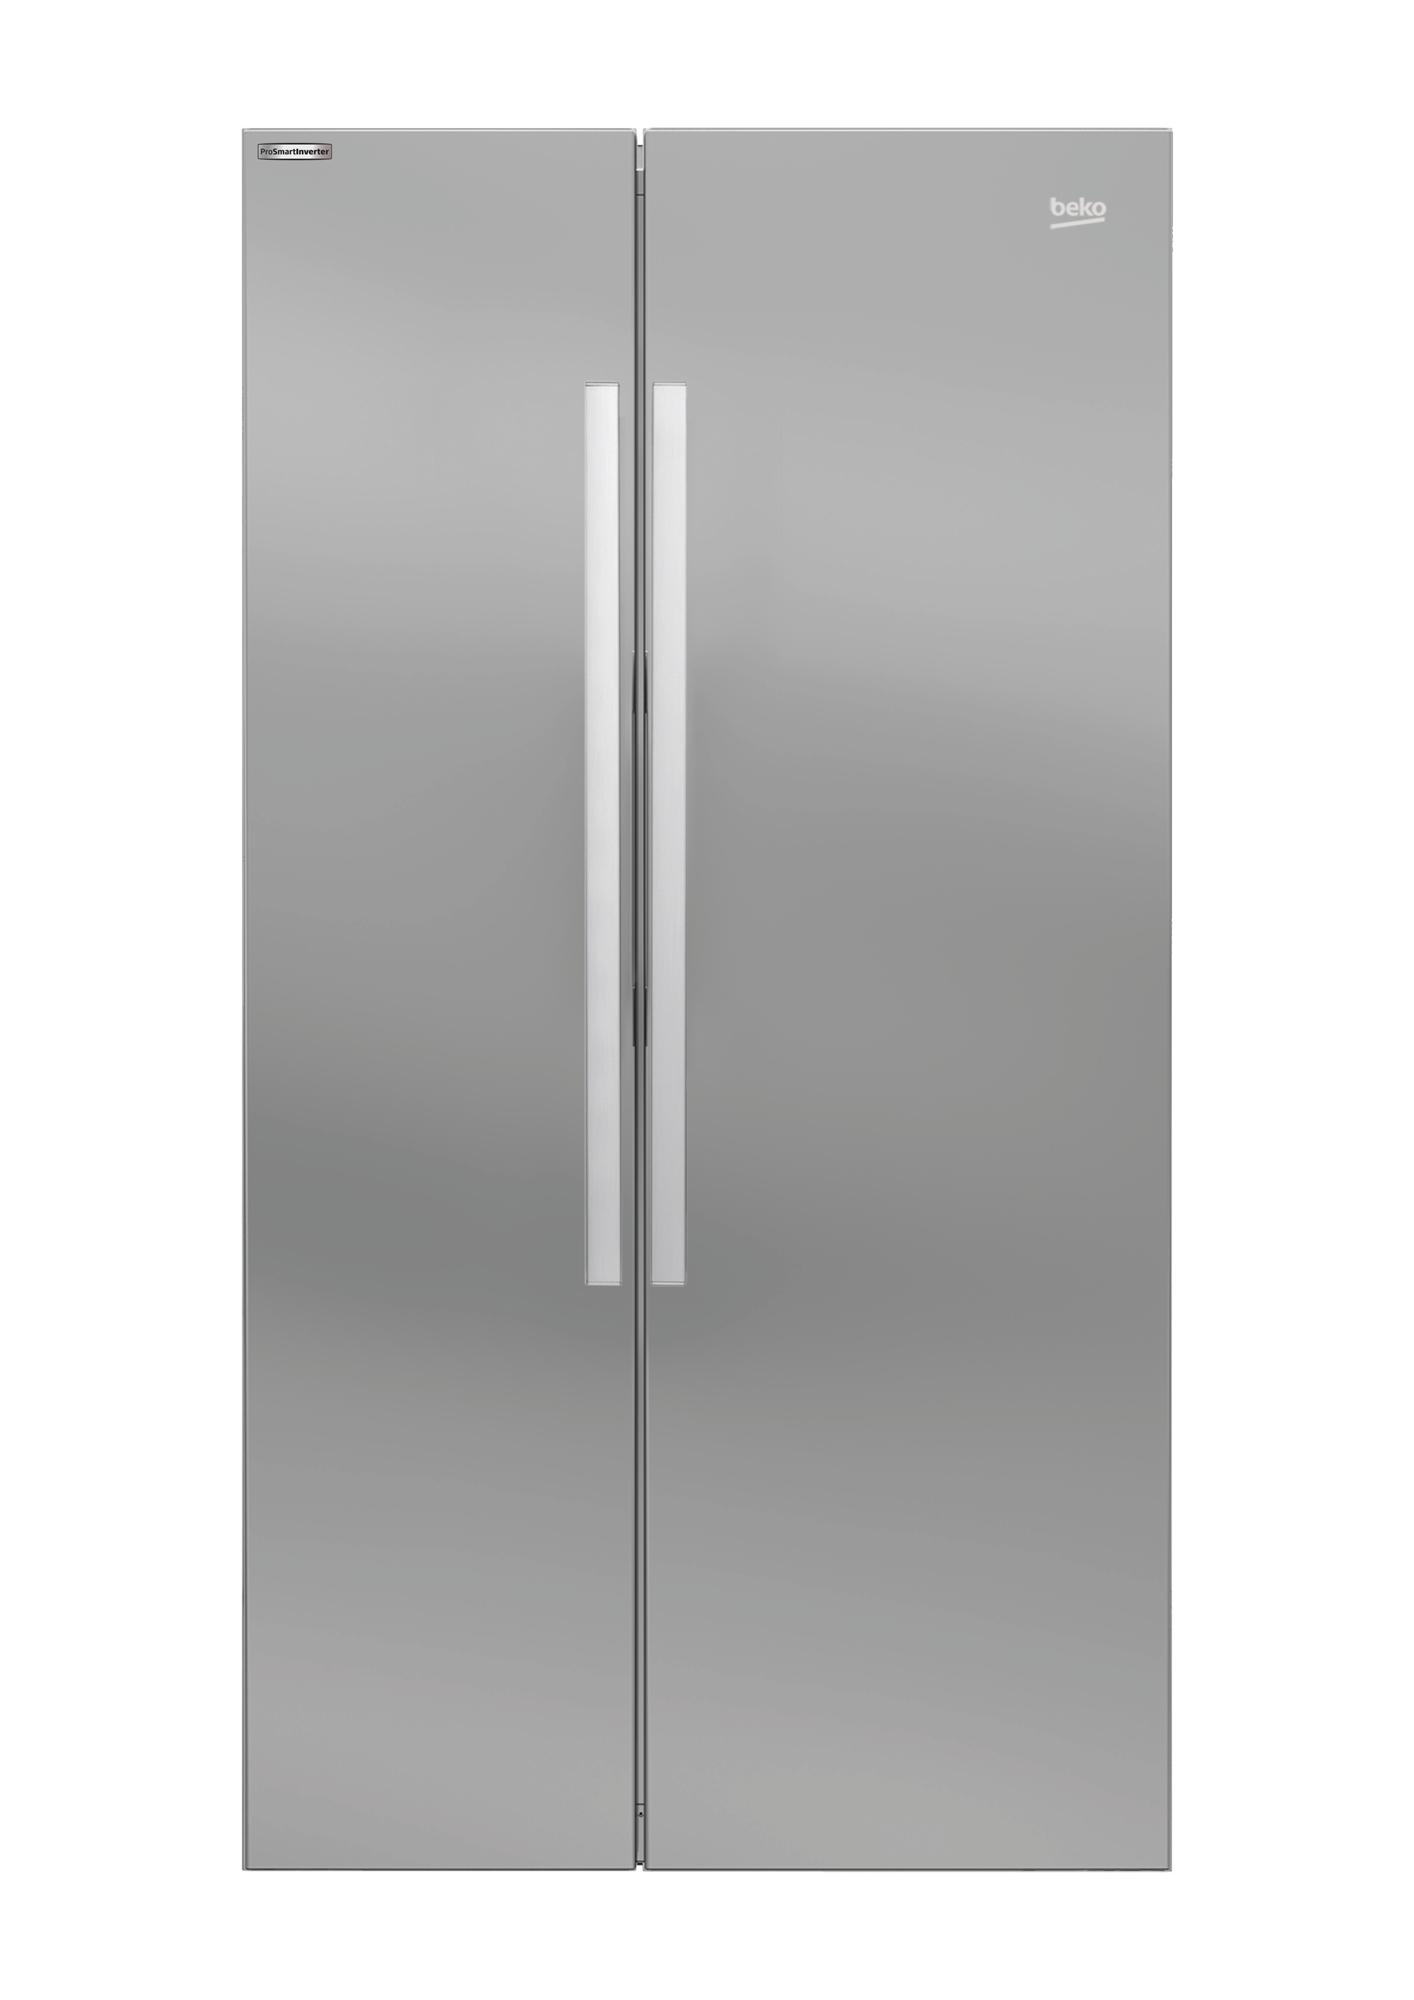 Beko Amerikaanse Koelkast GN163022S